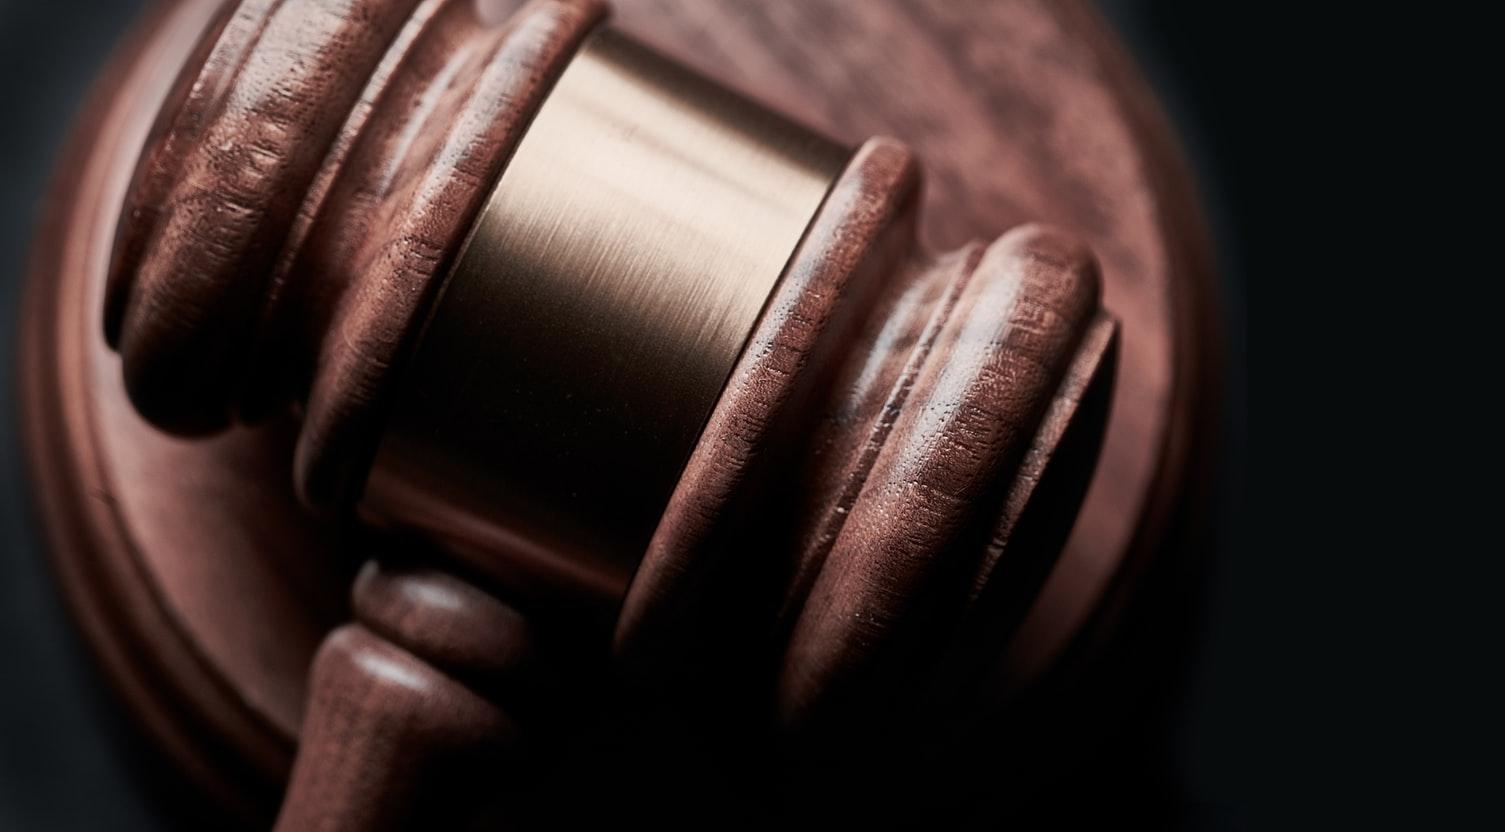 Kendertér - Több mint két kilogramm marihuánával kereskedtek – vádemelés - photo 1575505586569 646b2ca898fc